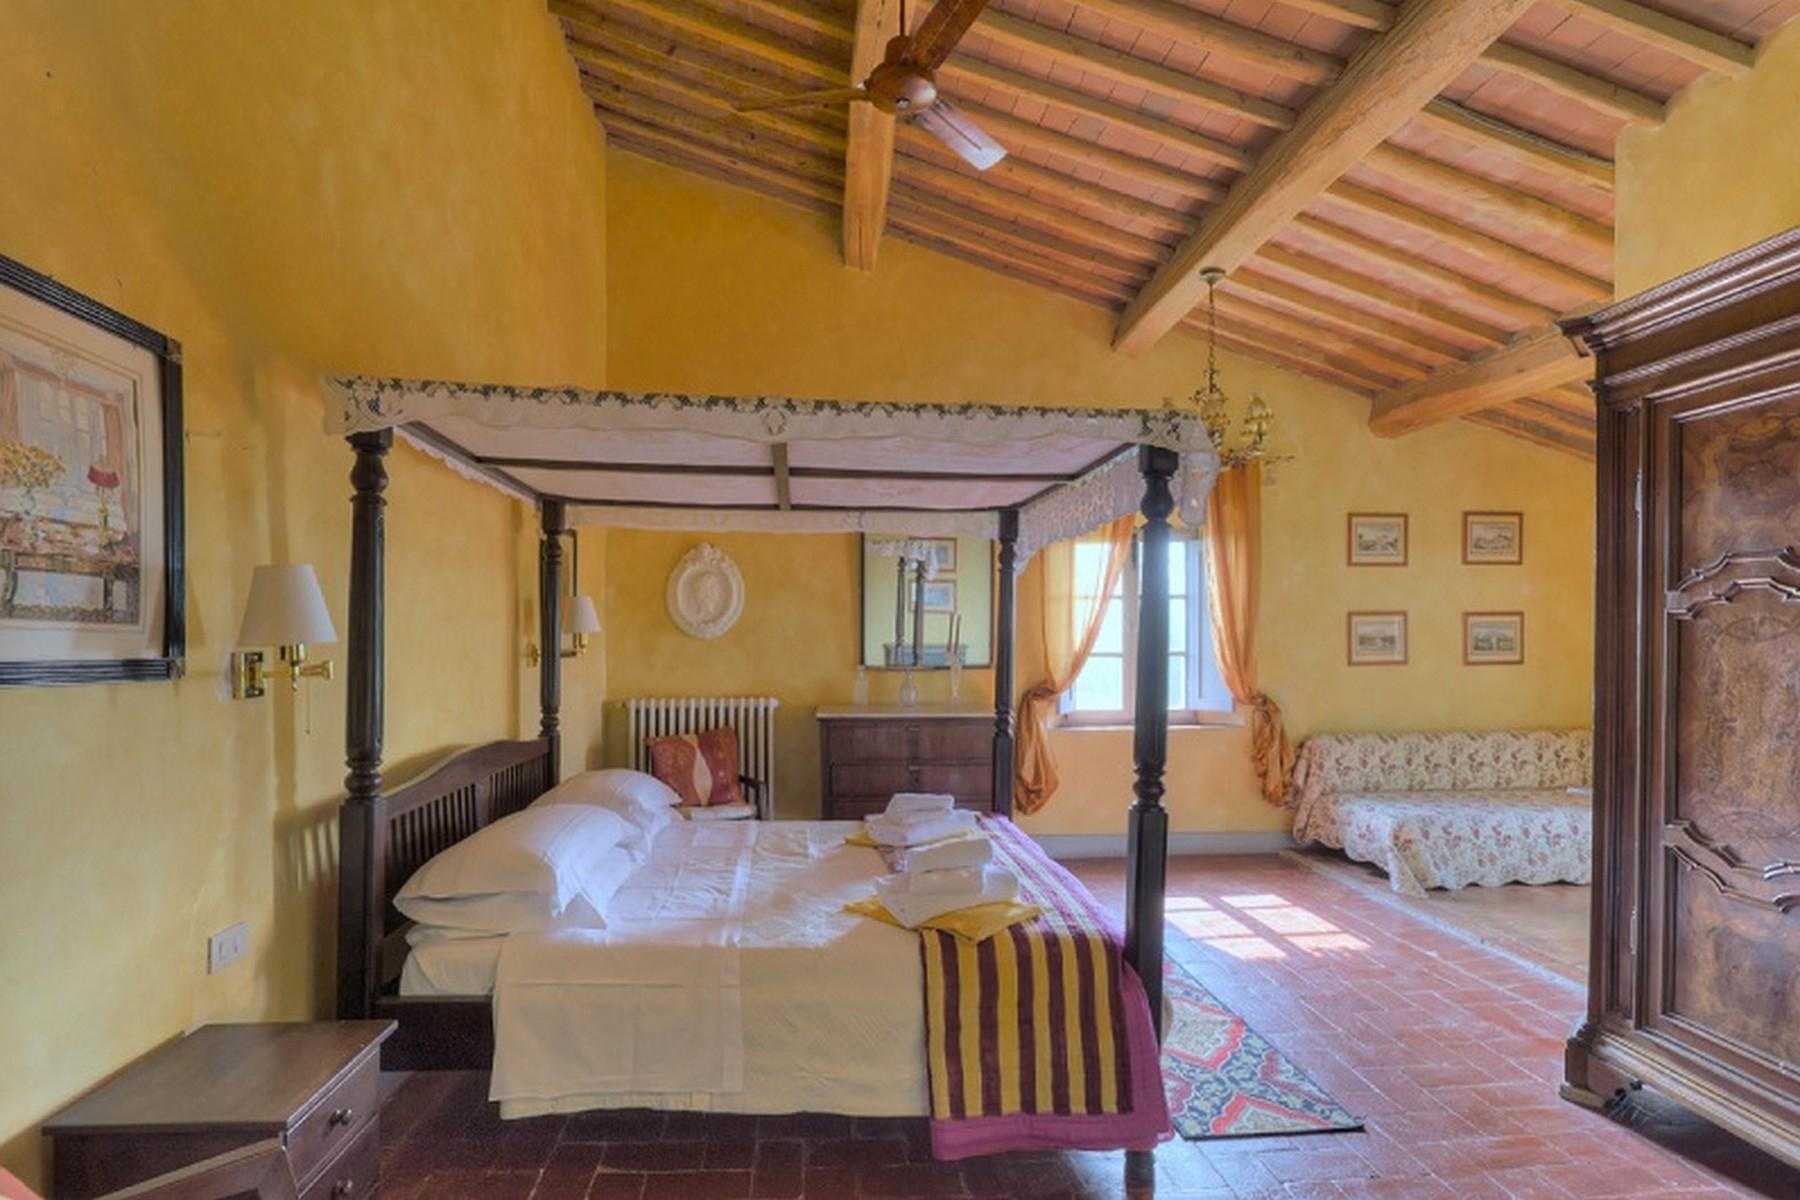 State-of-the-art rustic villa set in Florentine Chianti - 9